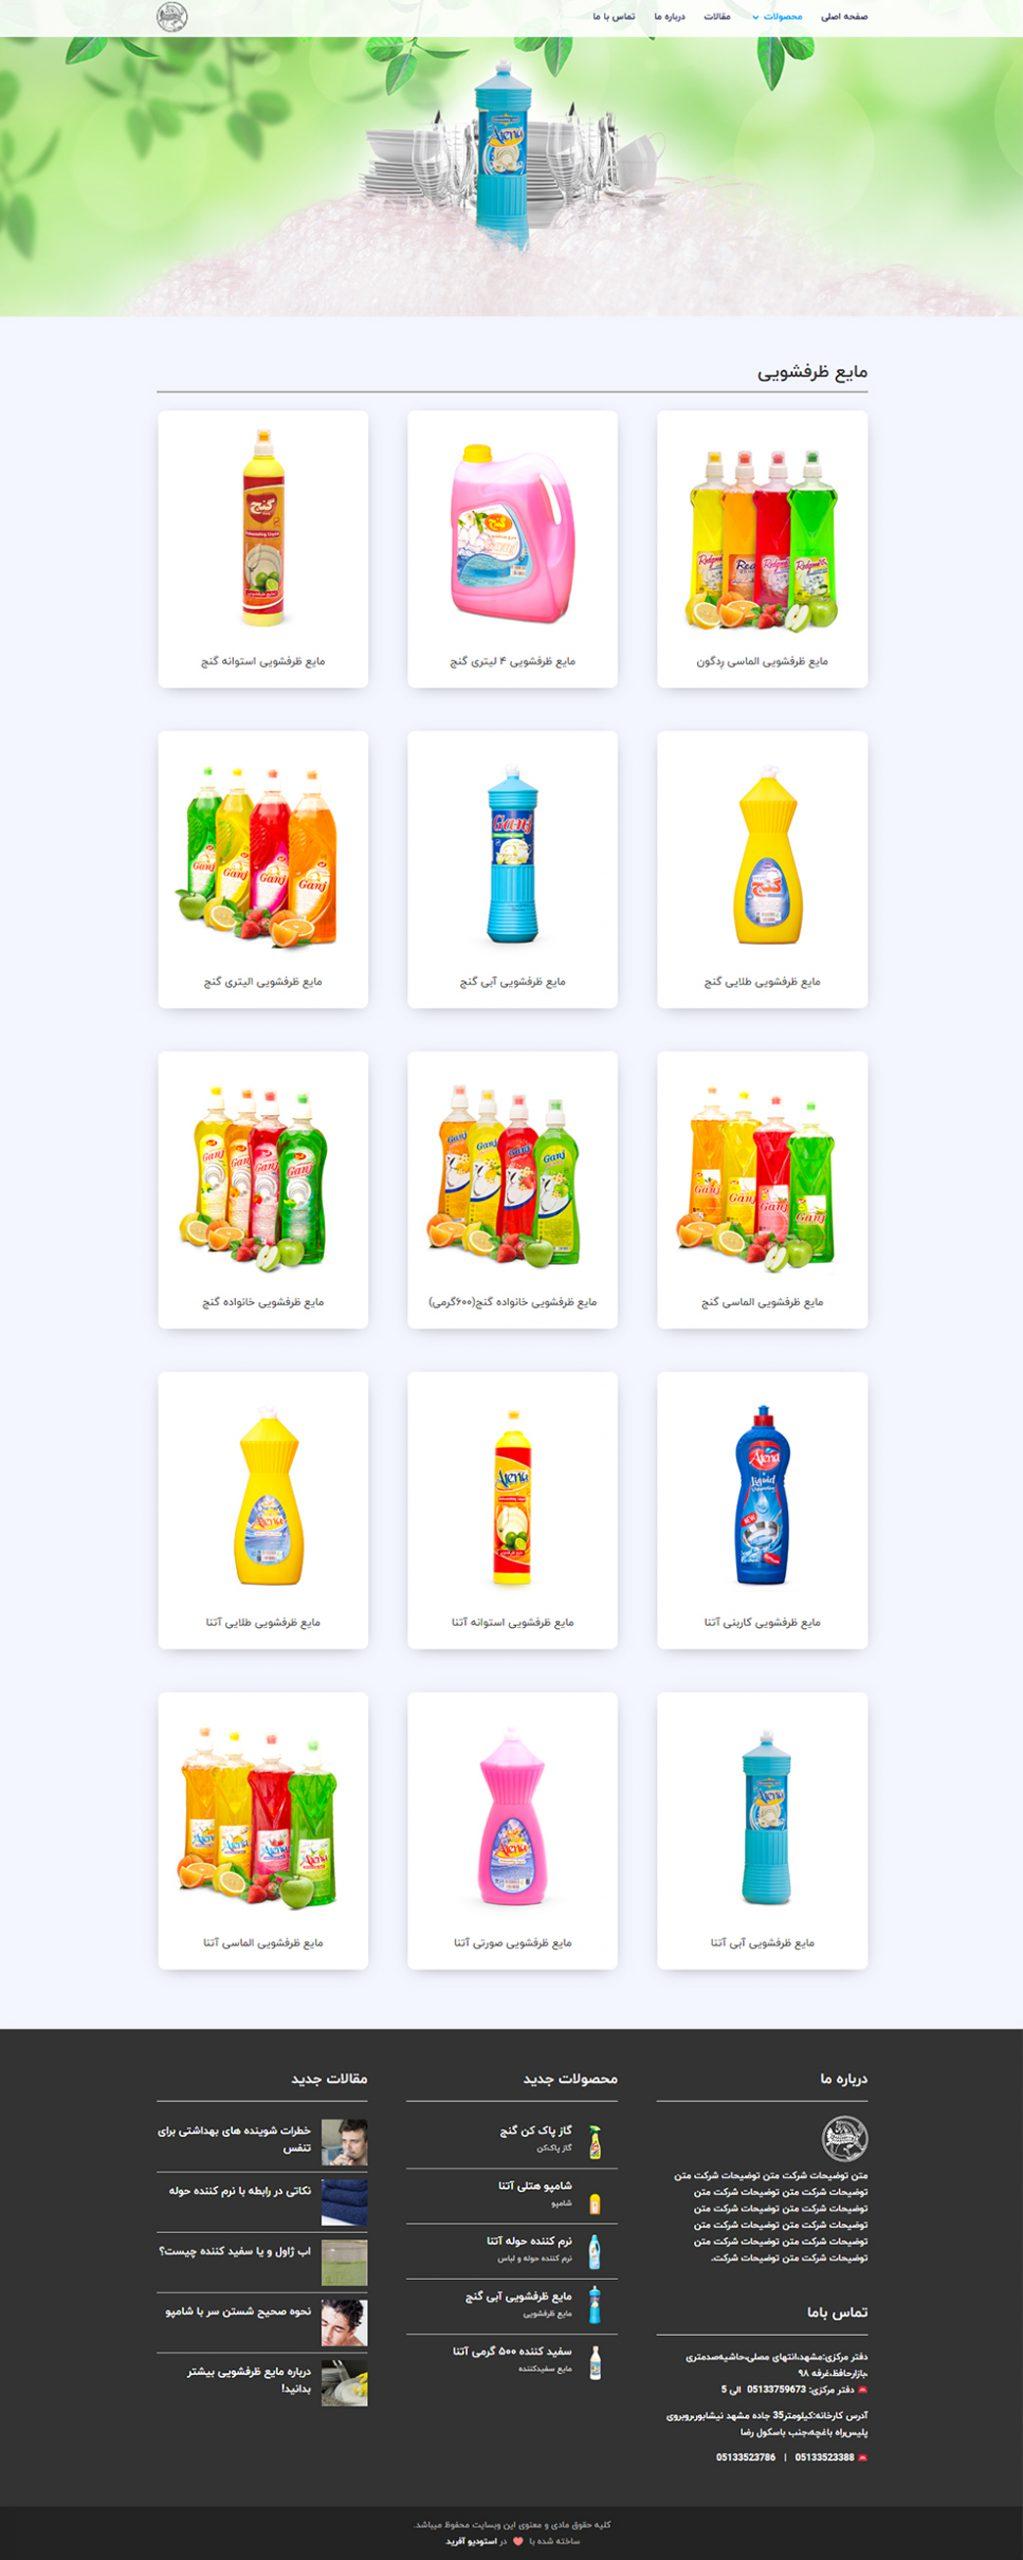 طراحی سایت مواد شوینده